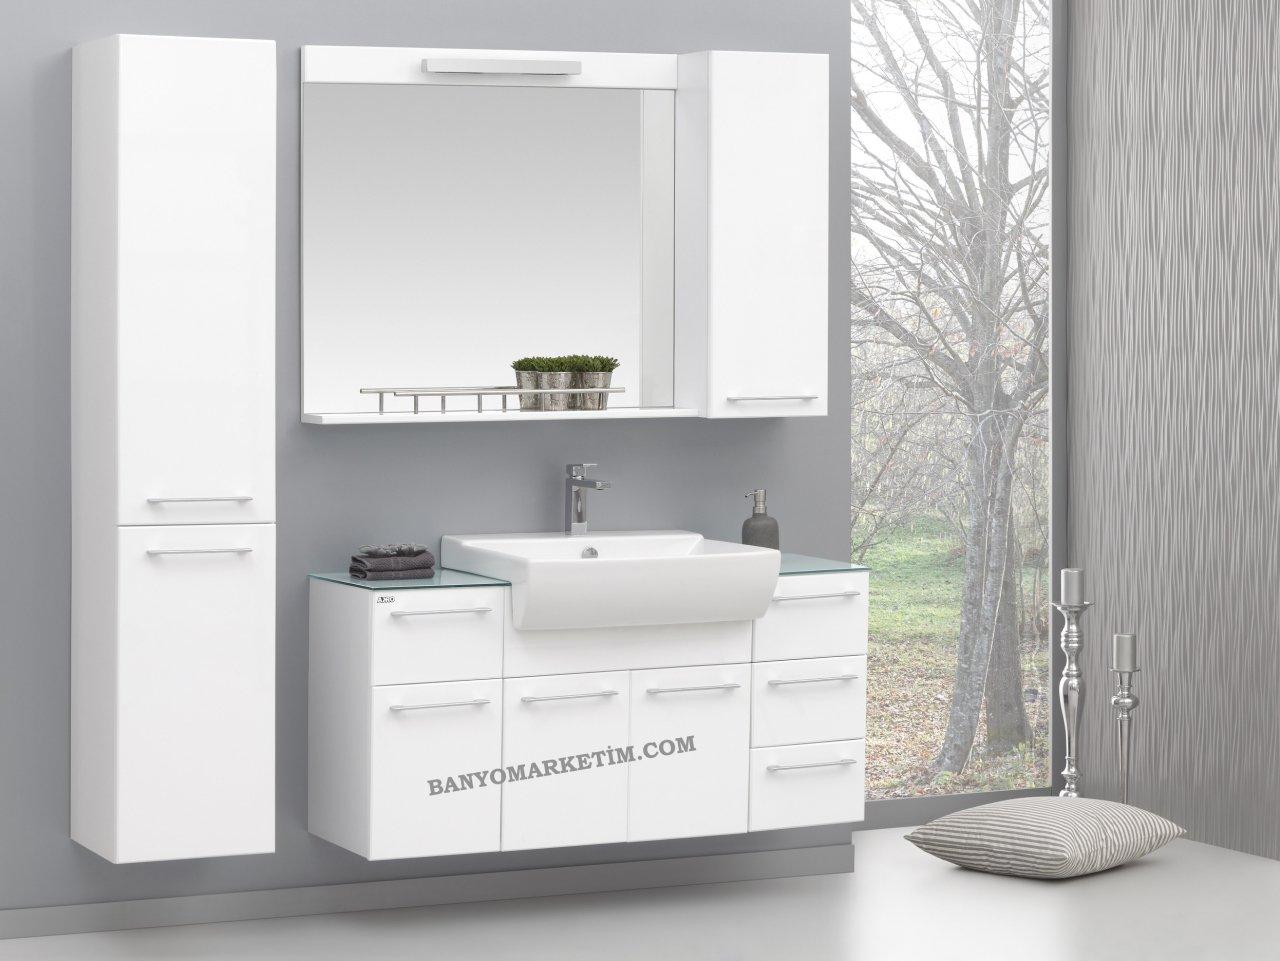 Cam-banyo-ürünleri